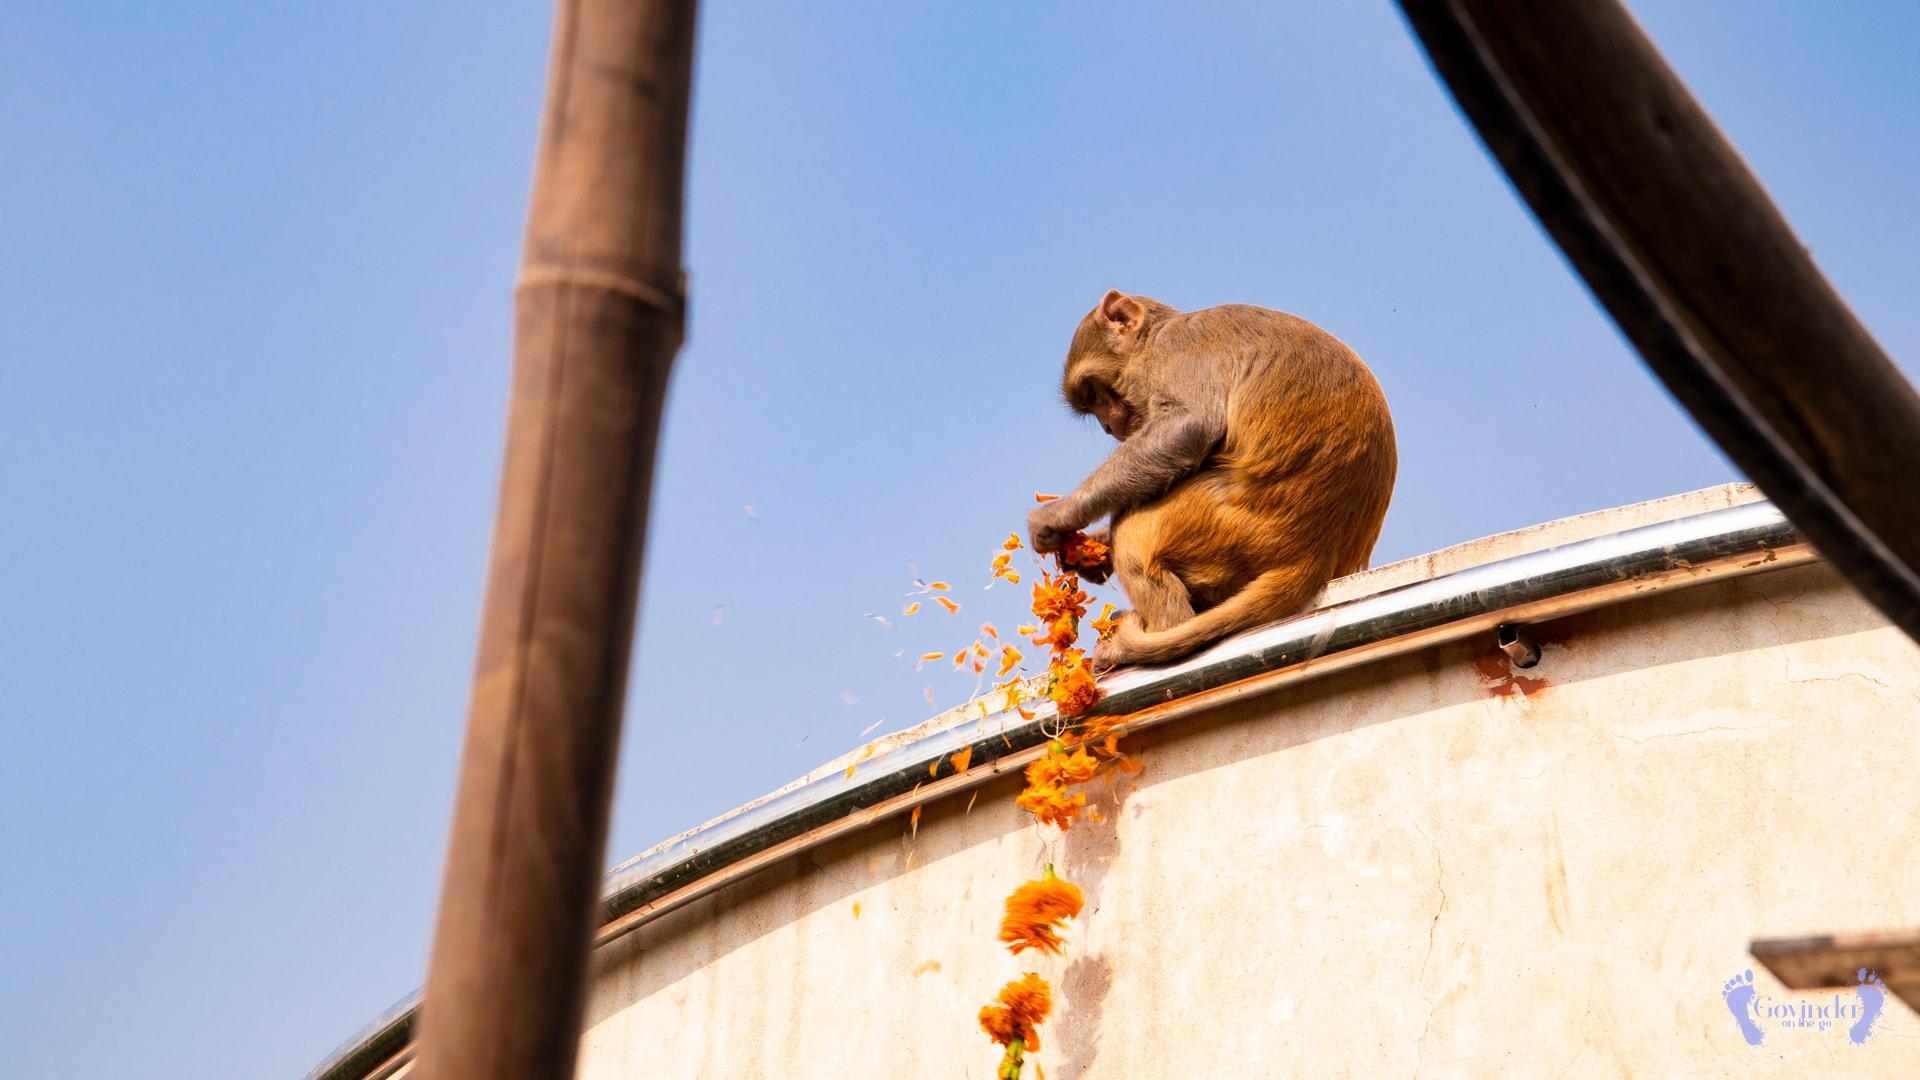 Crazy monkey stealing garlands in Nidhivan forest